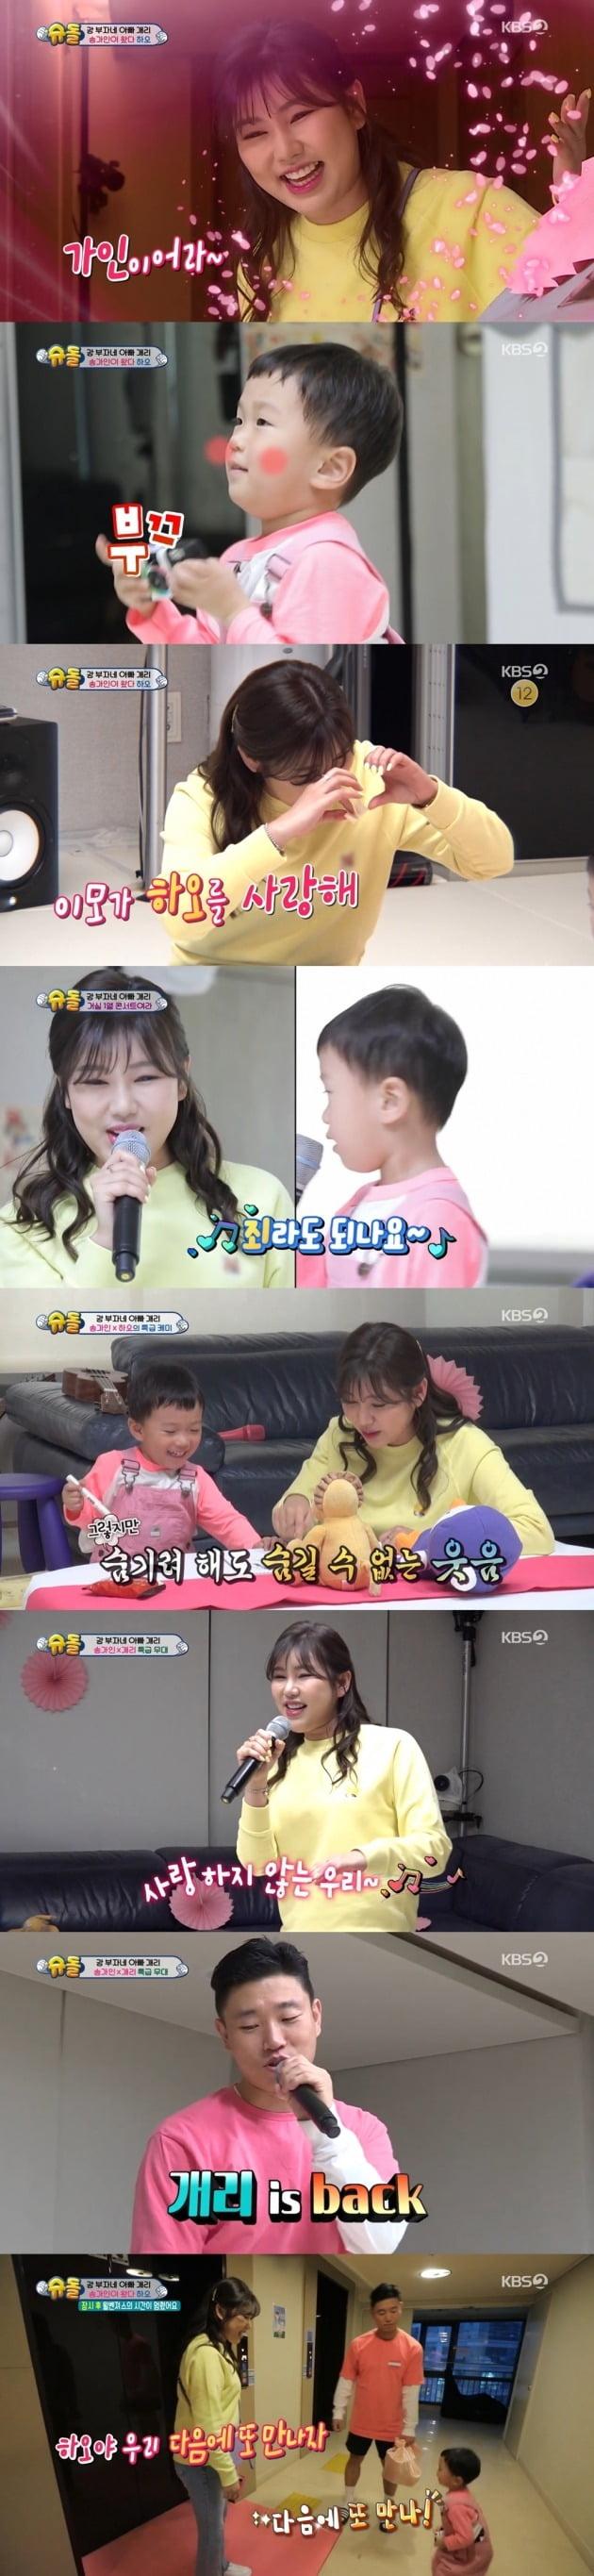 KBS2 '슈퍼맨이 돌아왔다' 방송화면 캡처.